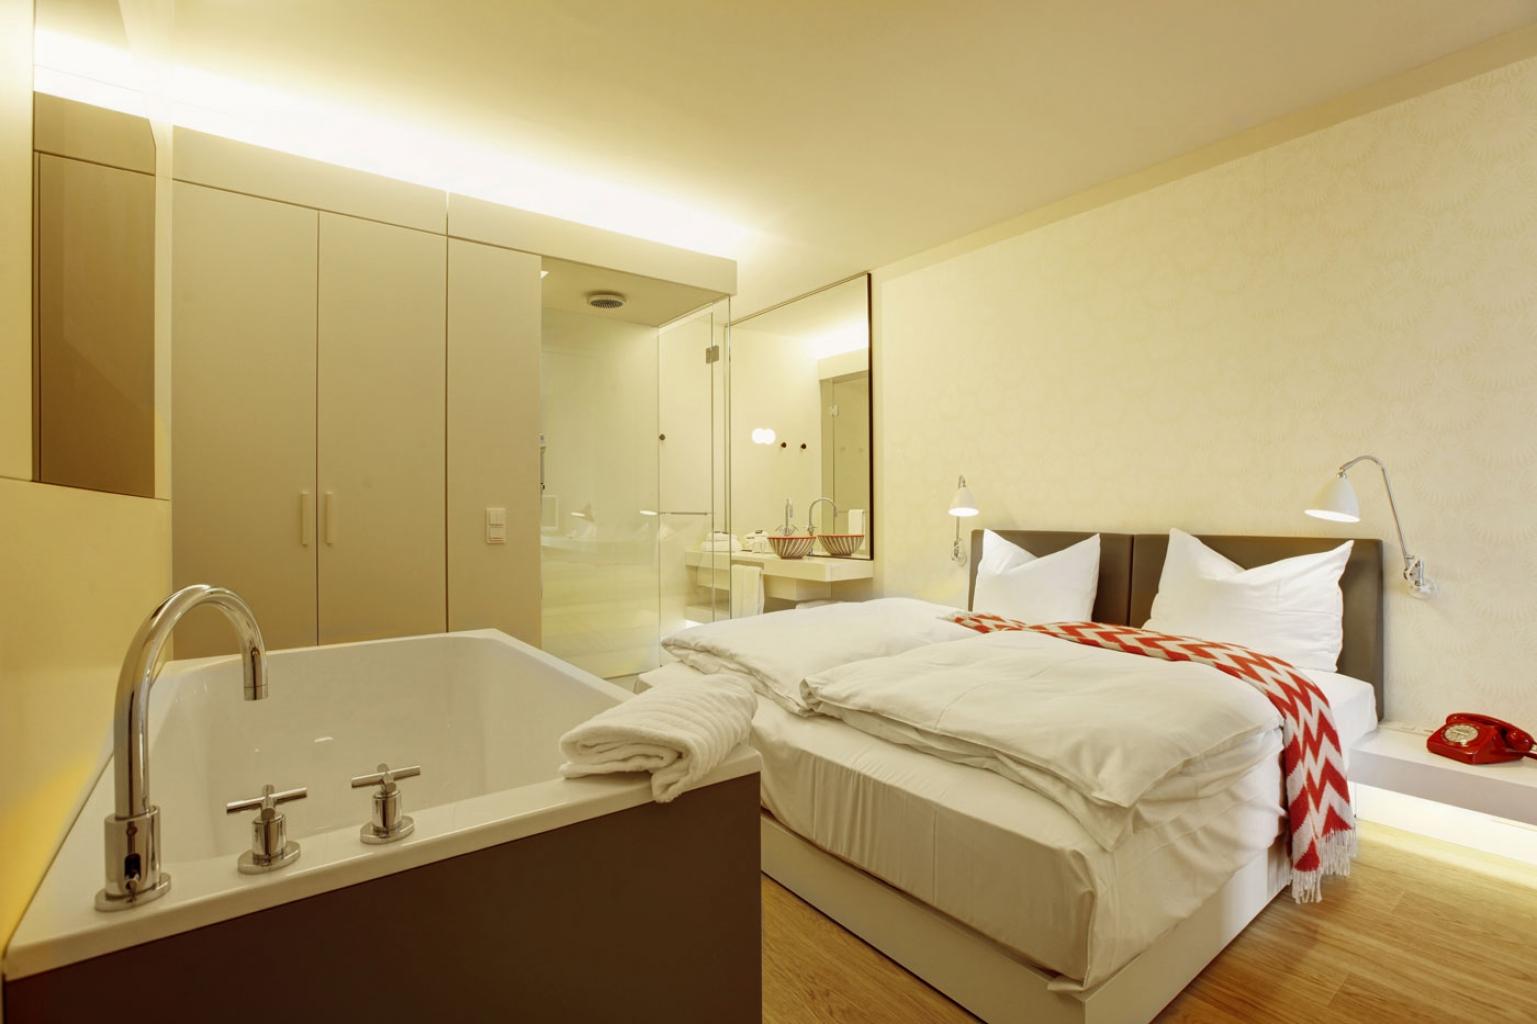 Hotelzimmer design mit indirekter beleuchtung bilder for Designhotel mit kindern